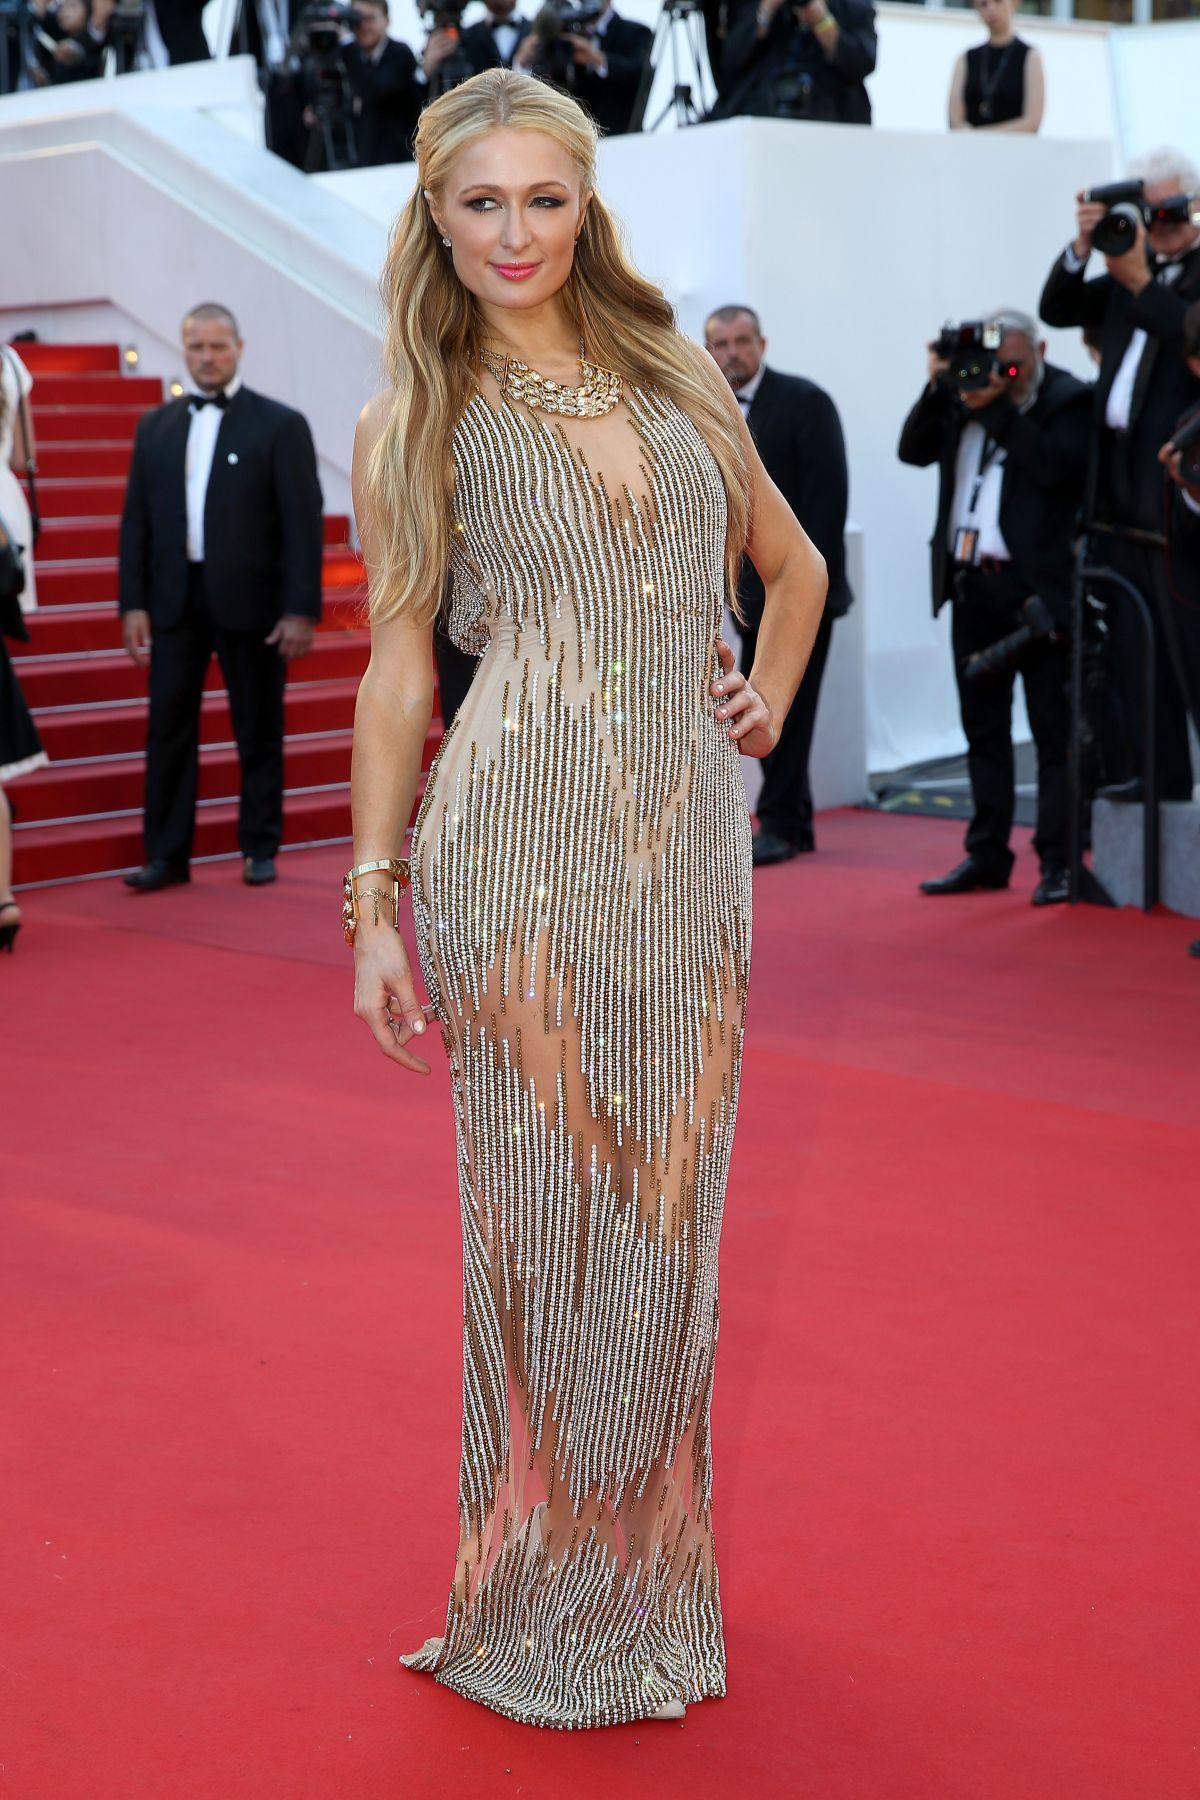 Paris Hilton At Inside Out Premiere At Cannes Film